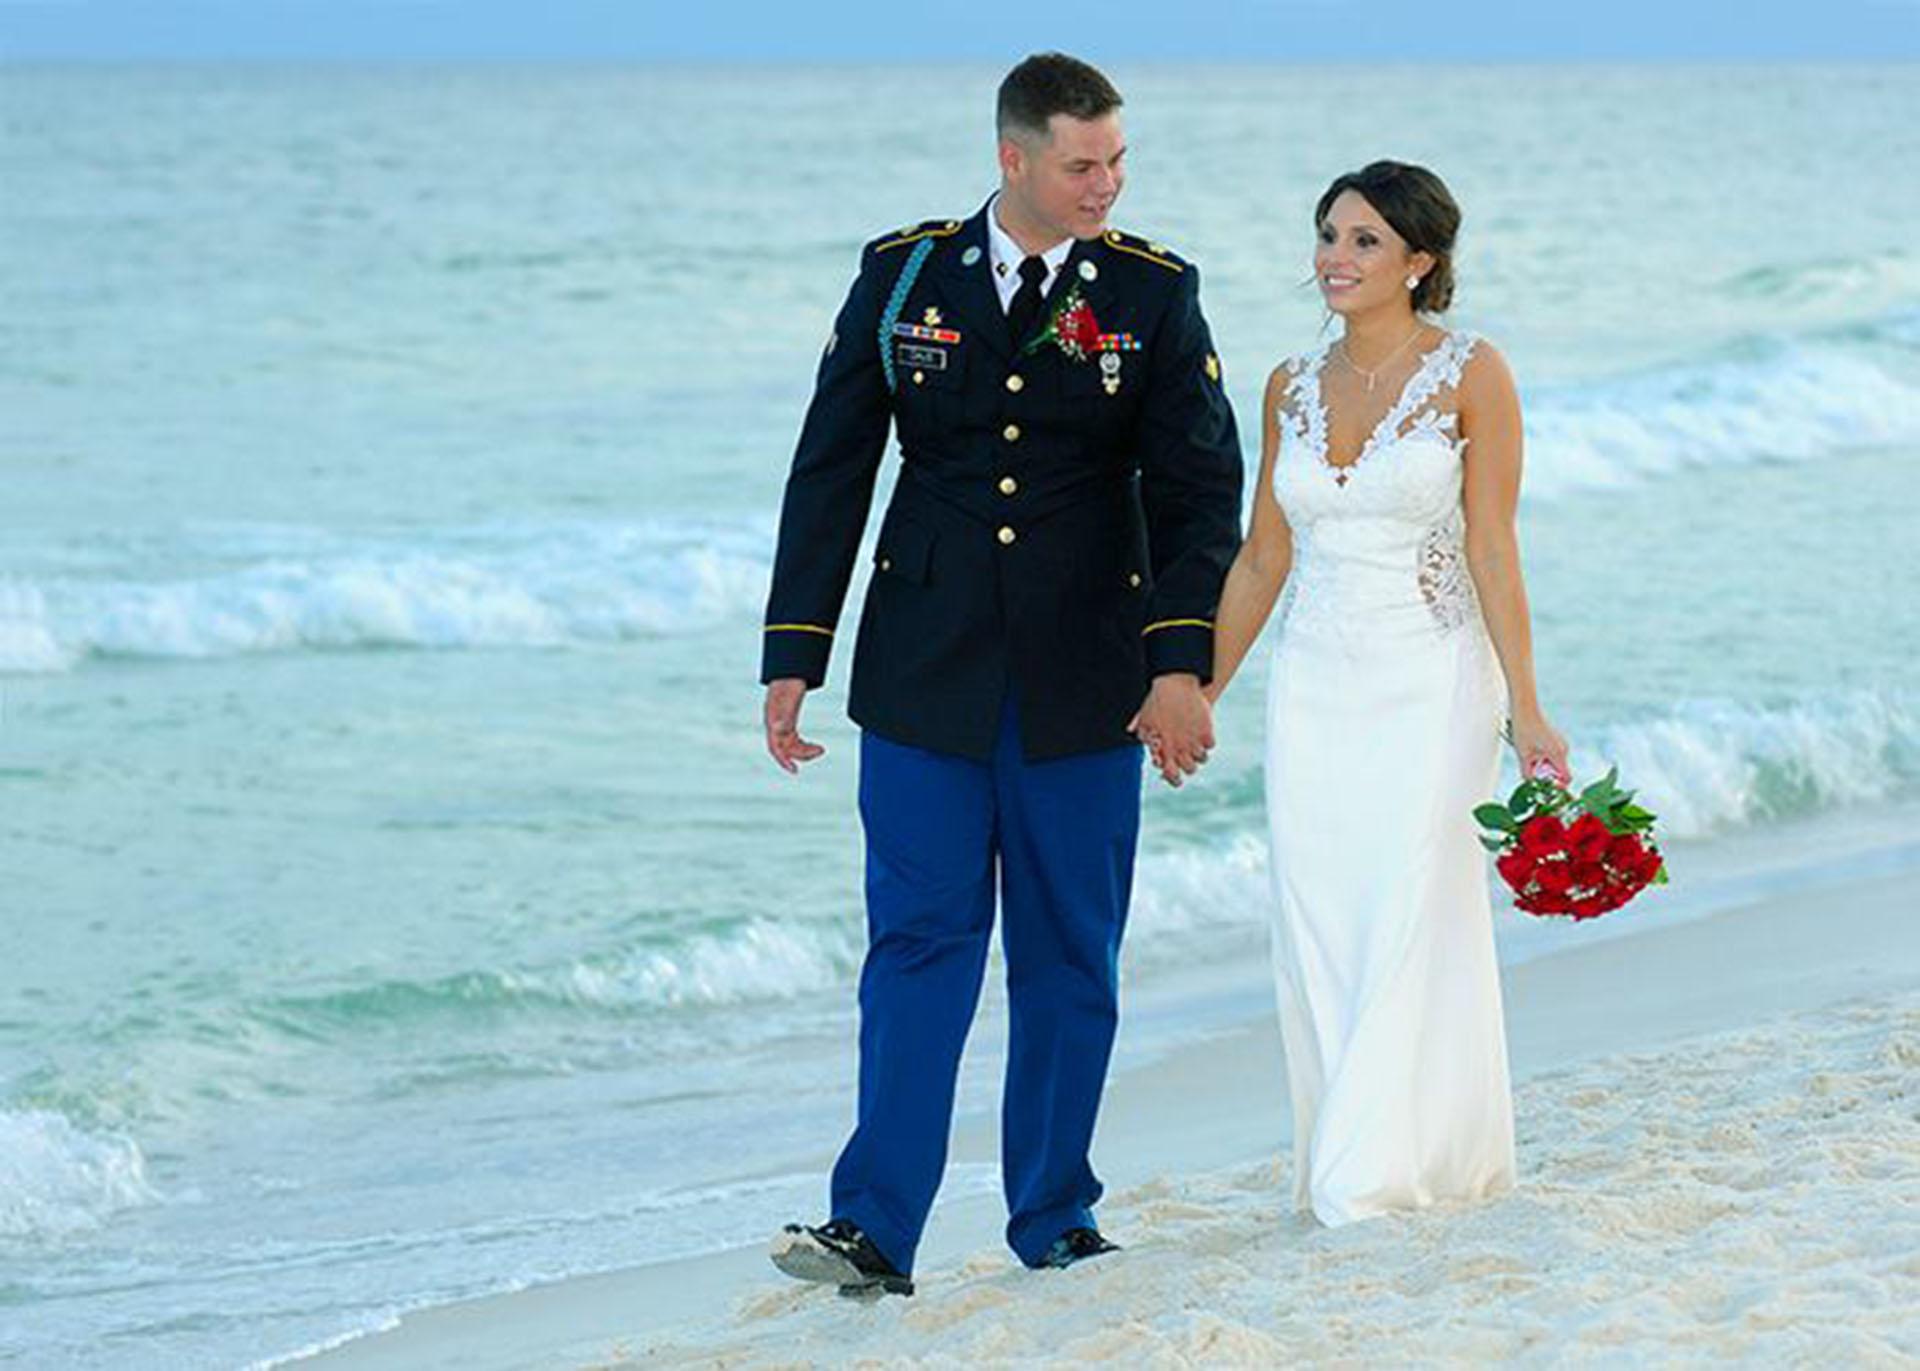 Bride walking the beach